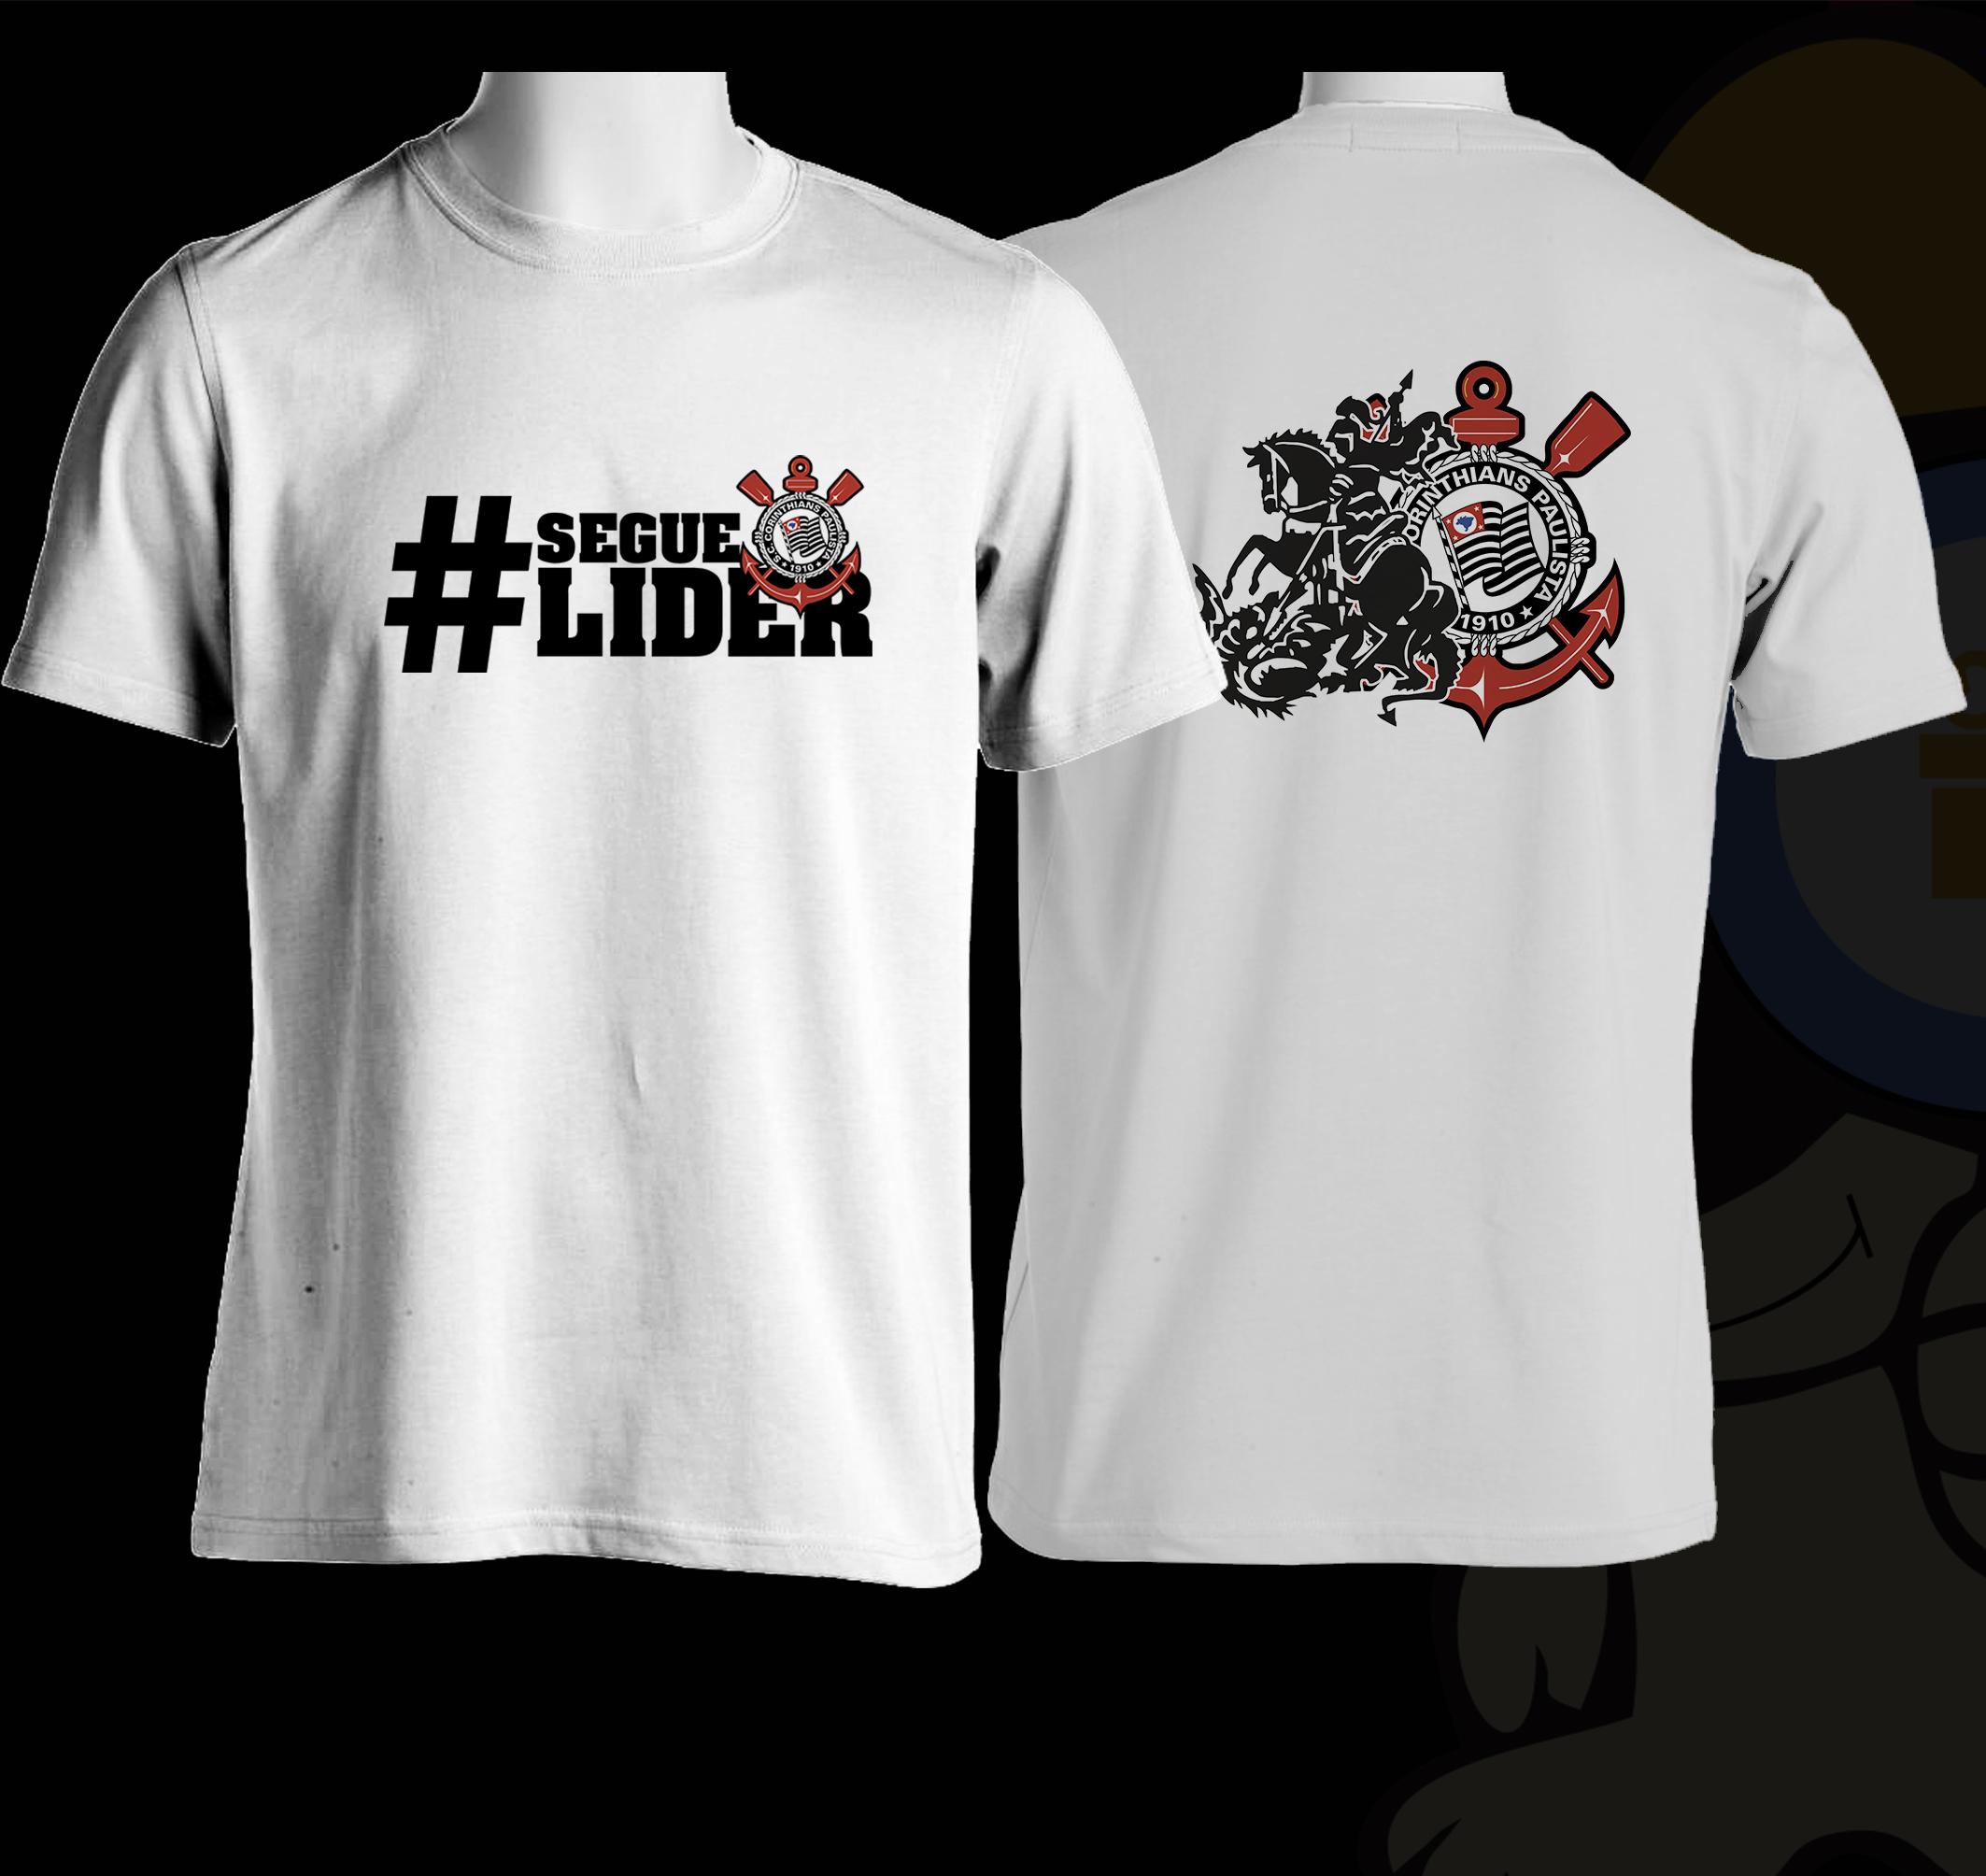 ab462e2829 Camiseta Segue o Lider | Elo7